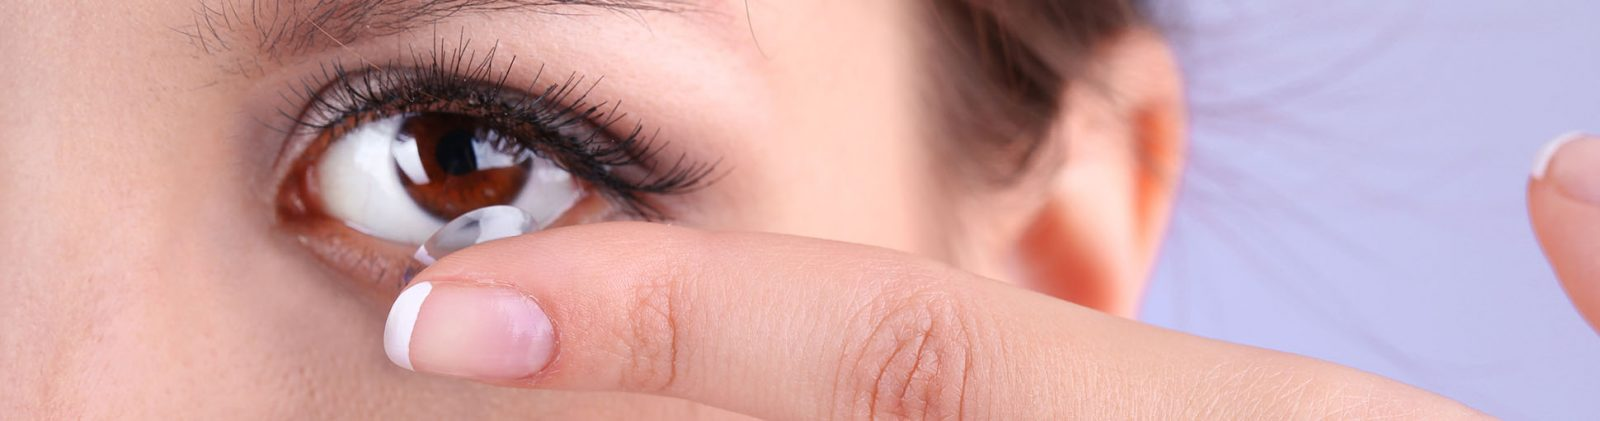 Корекція зору. Як зберегти зір і не нашкодити очам  96978963e3a7c